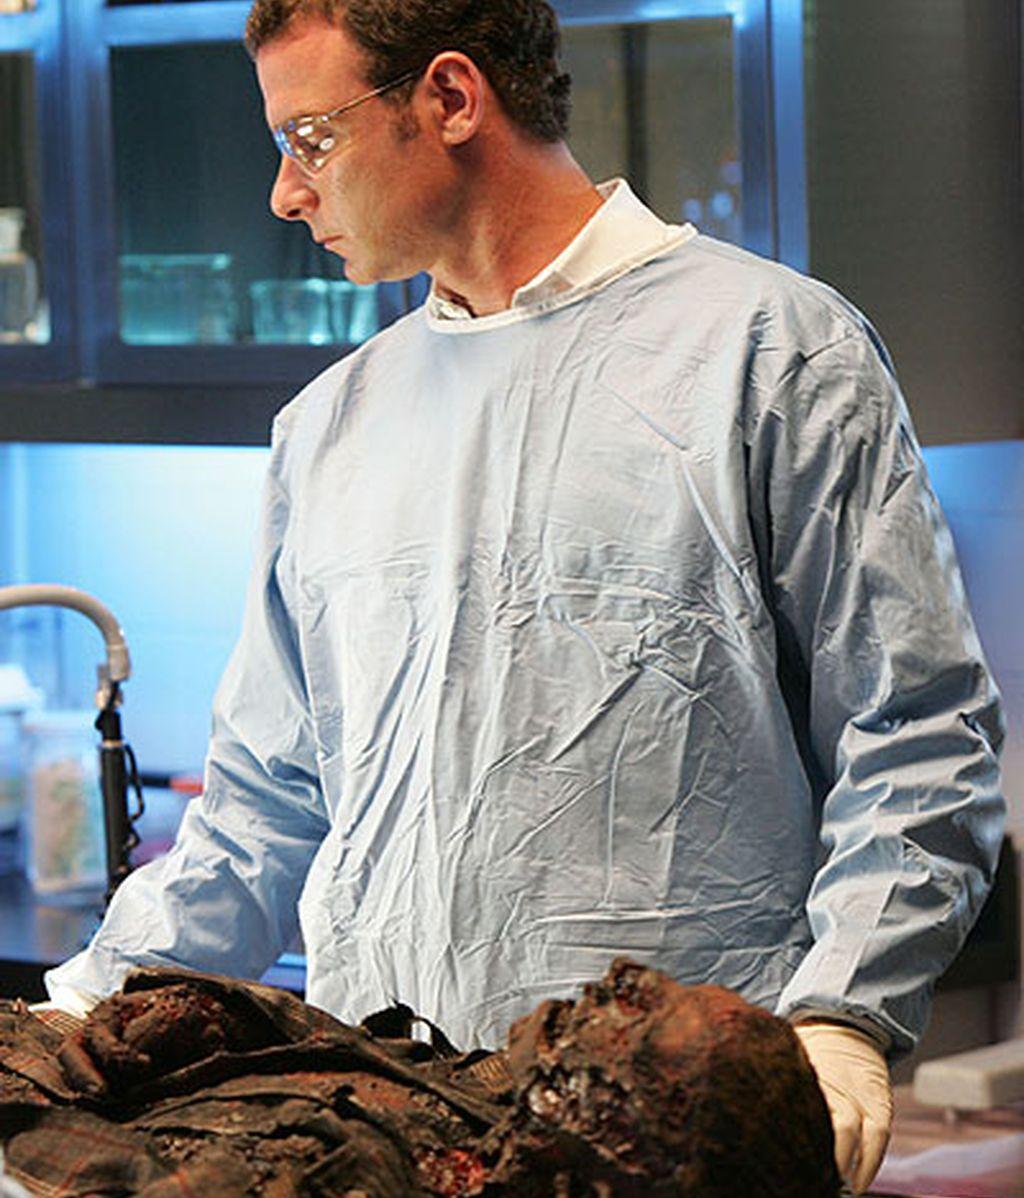 Keppler analiza el cuerpo carbonizado de un ex-presidiario